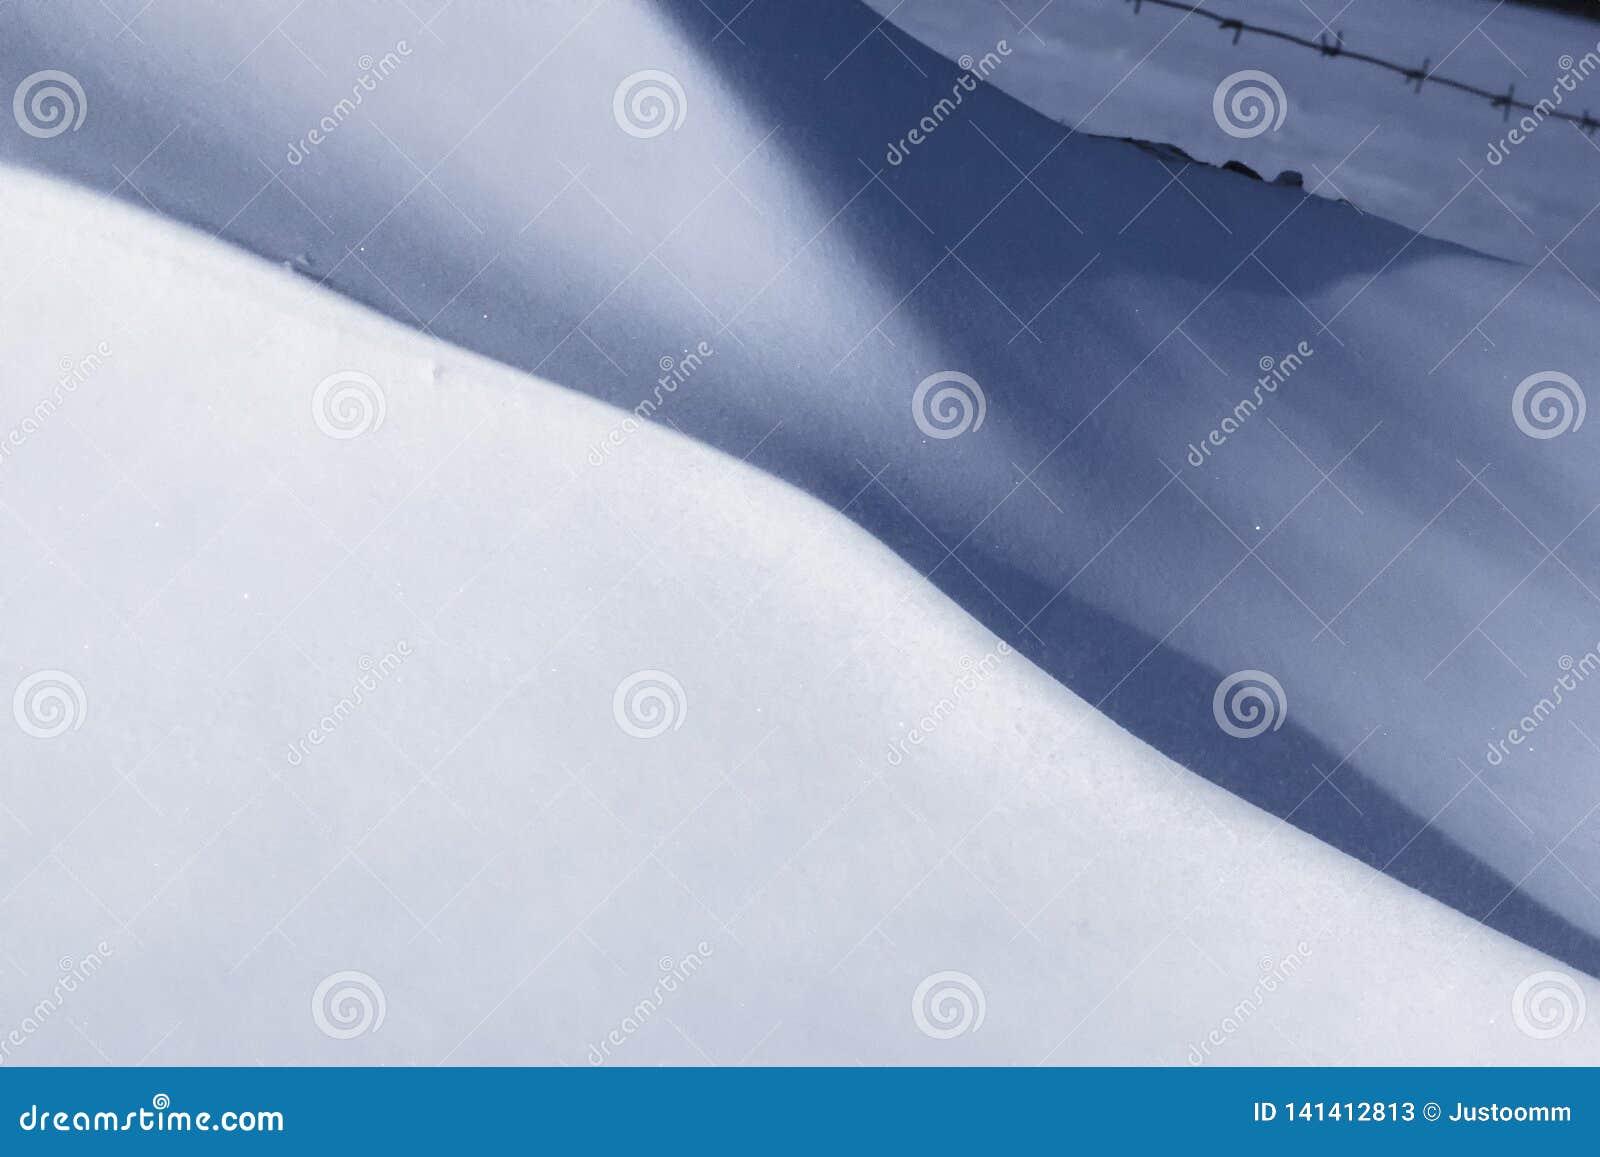 Planícies nevados após linhas fundo das curvaturas do vento